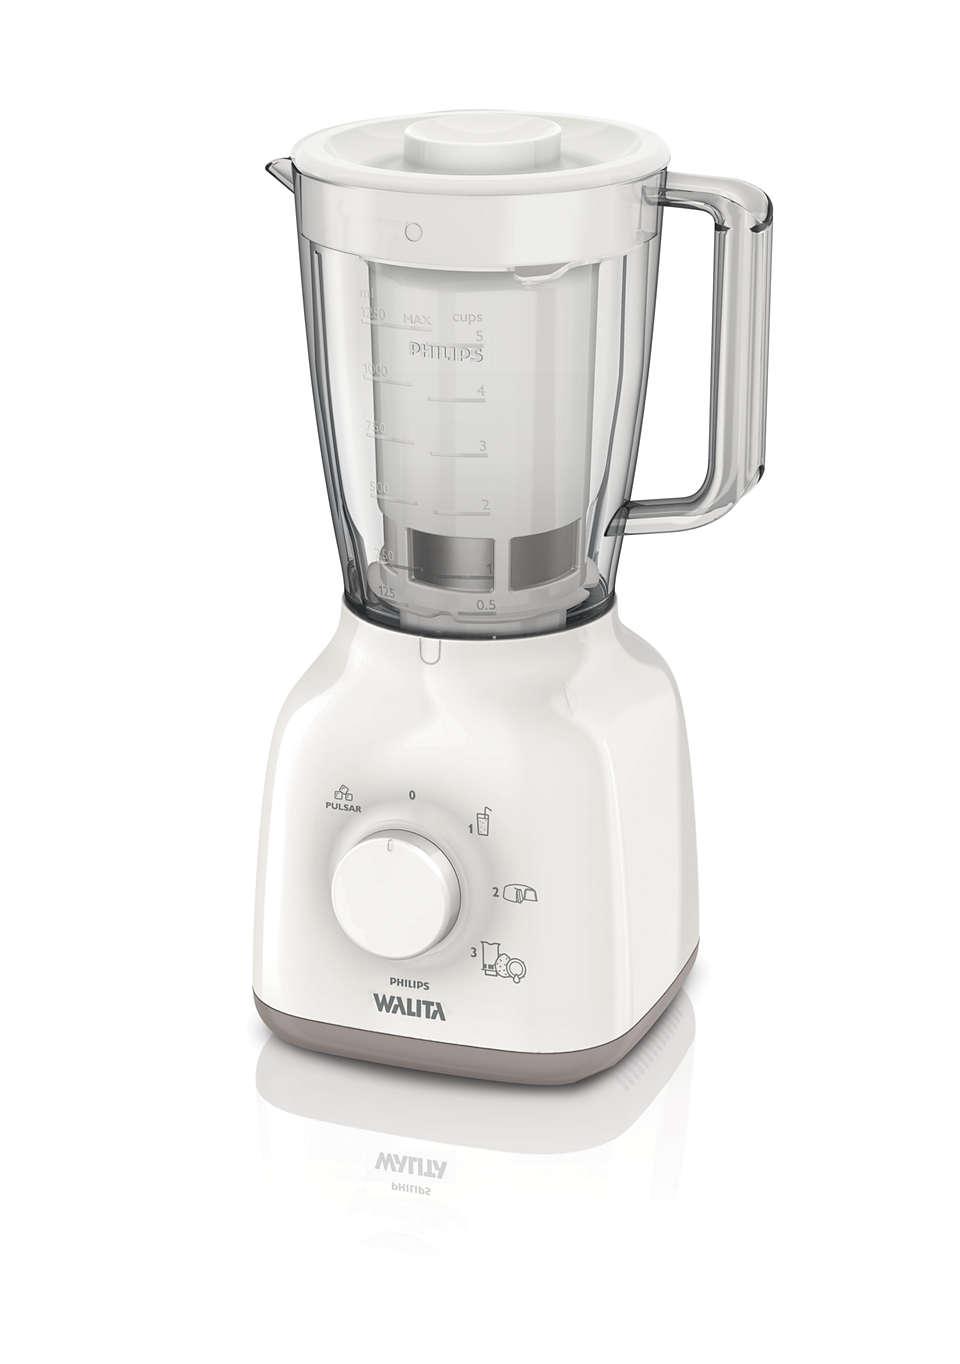 Filtro extralargo: leite de coco fresco em 2 minutos